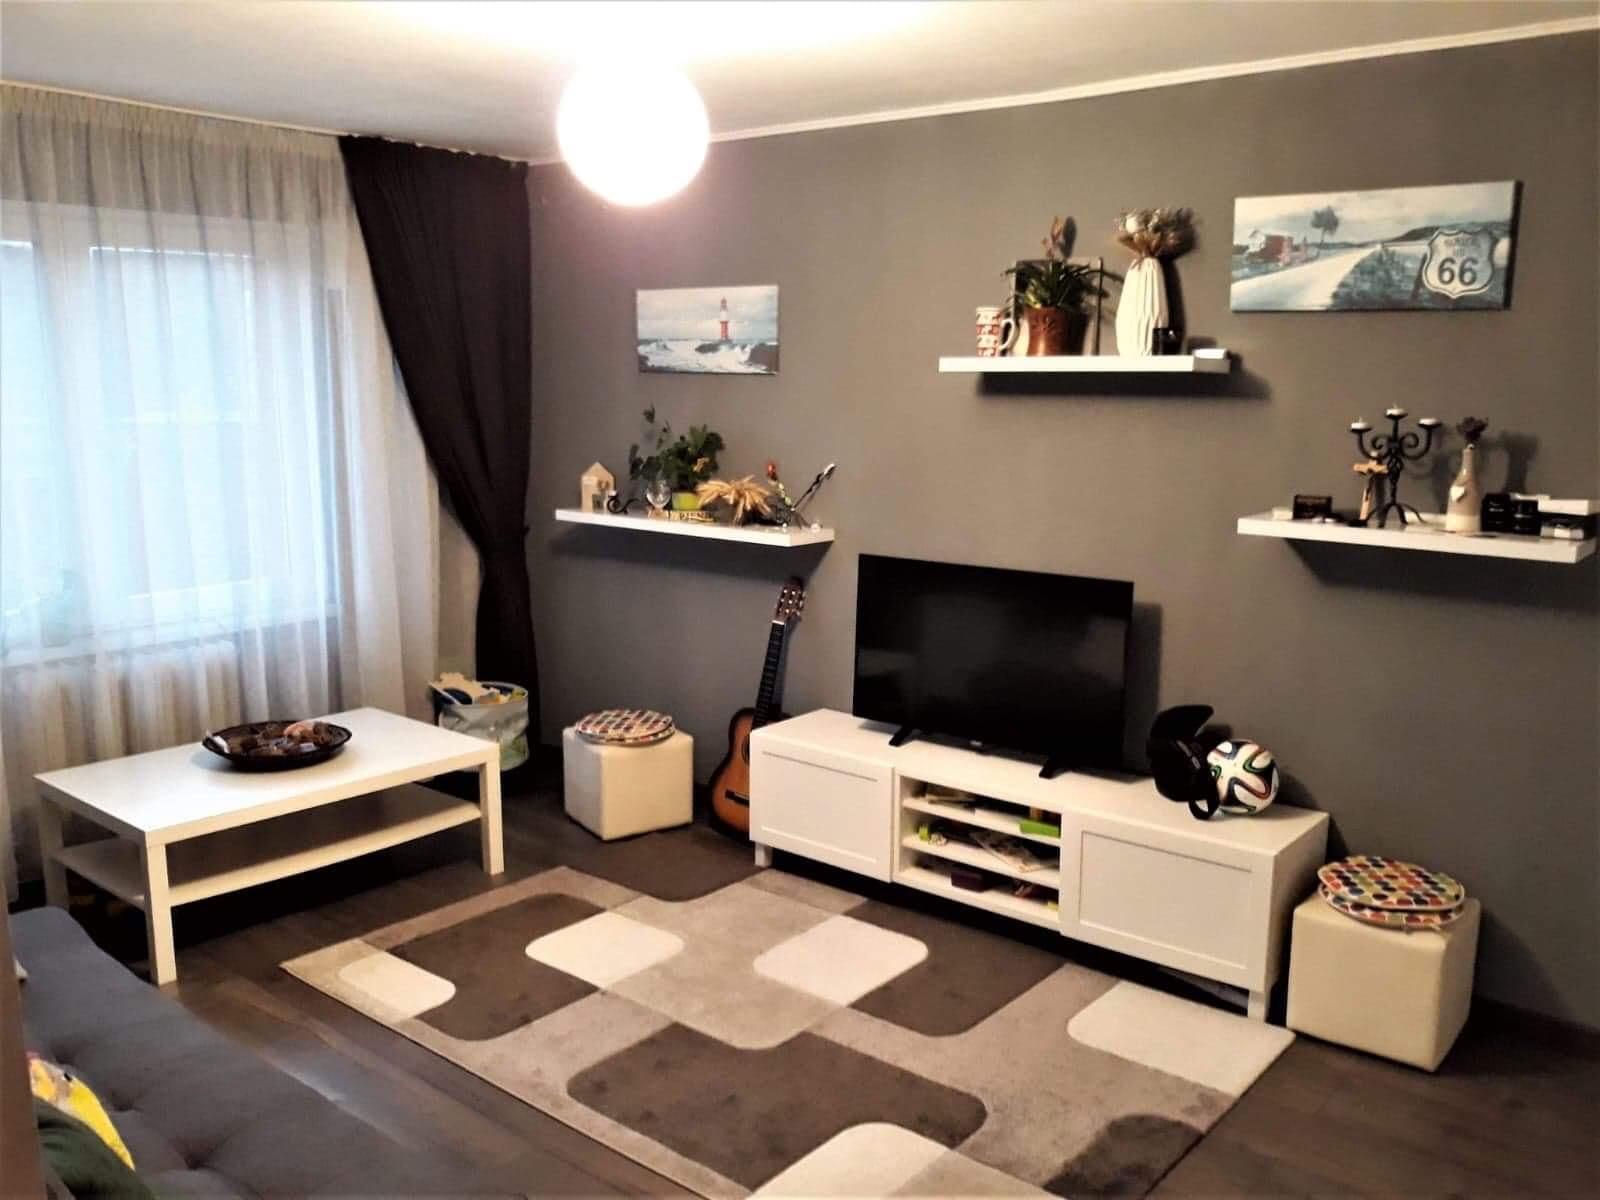 Apartament 3 camere decomandat, modificat de vanzare, Targu Mures Tudor